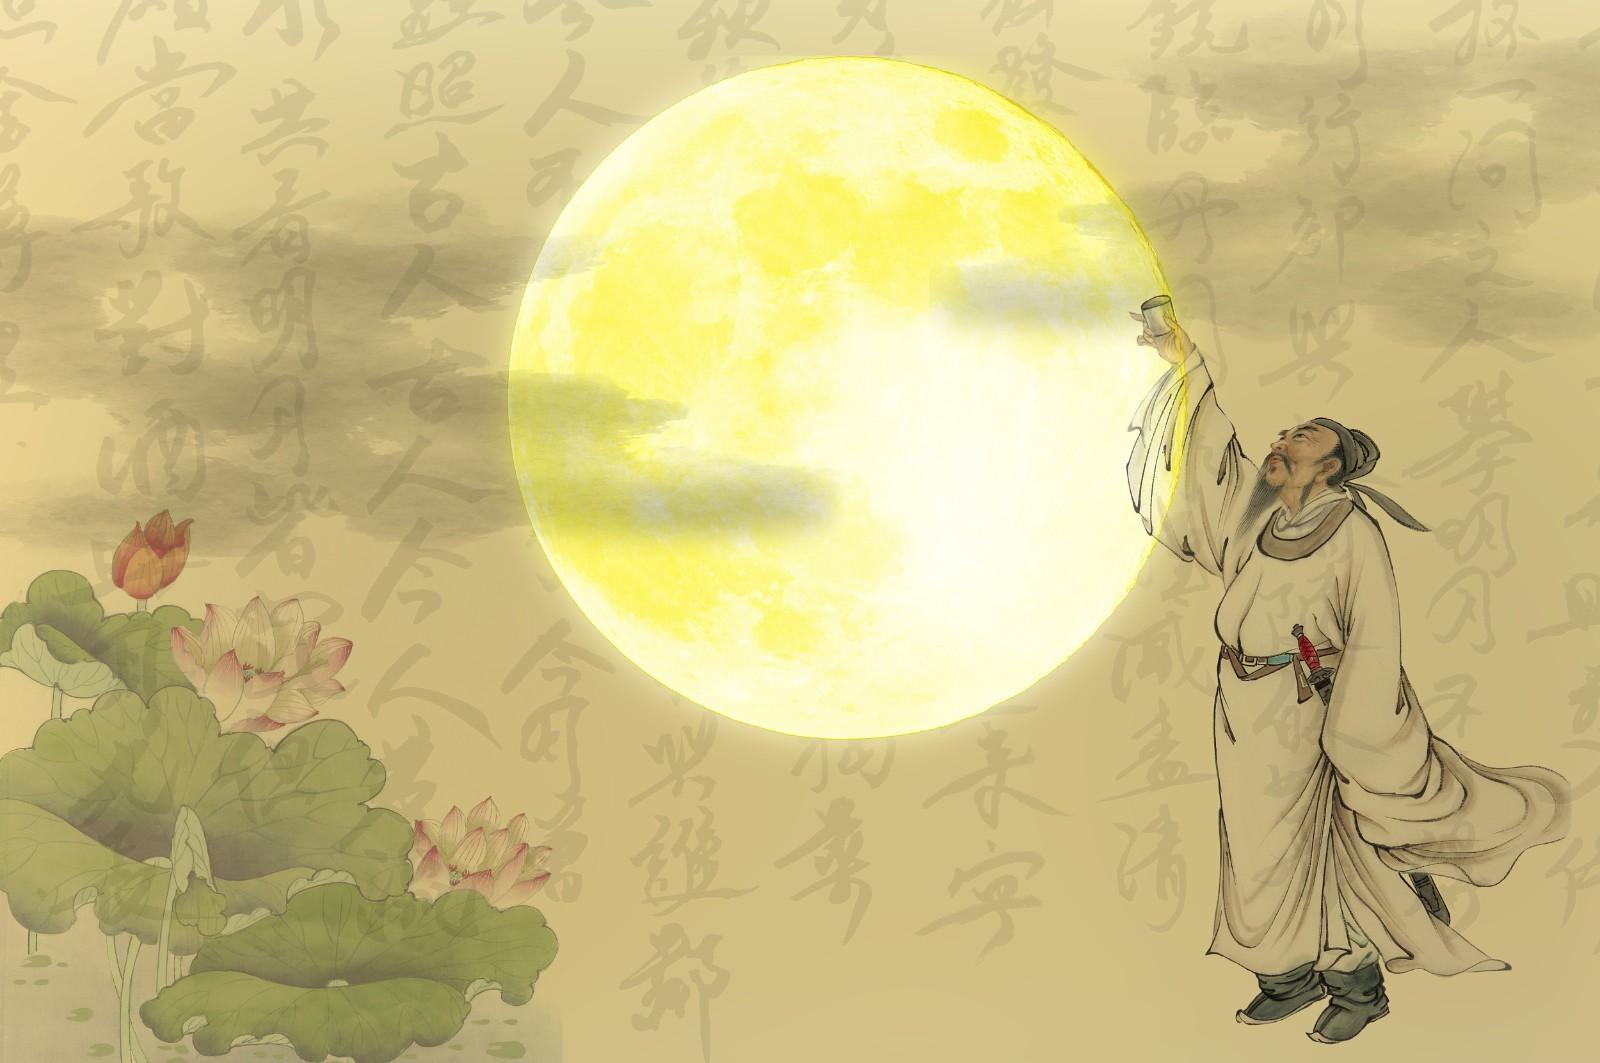 诗人李白遇上英文他的这首诗,英文翻译得太妙